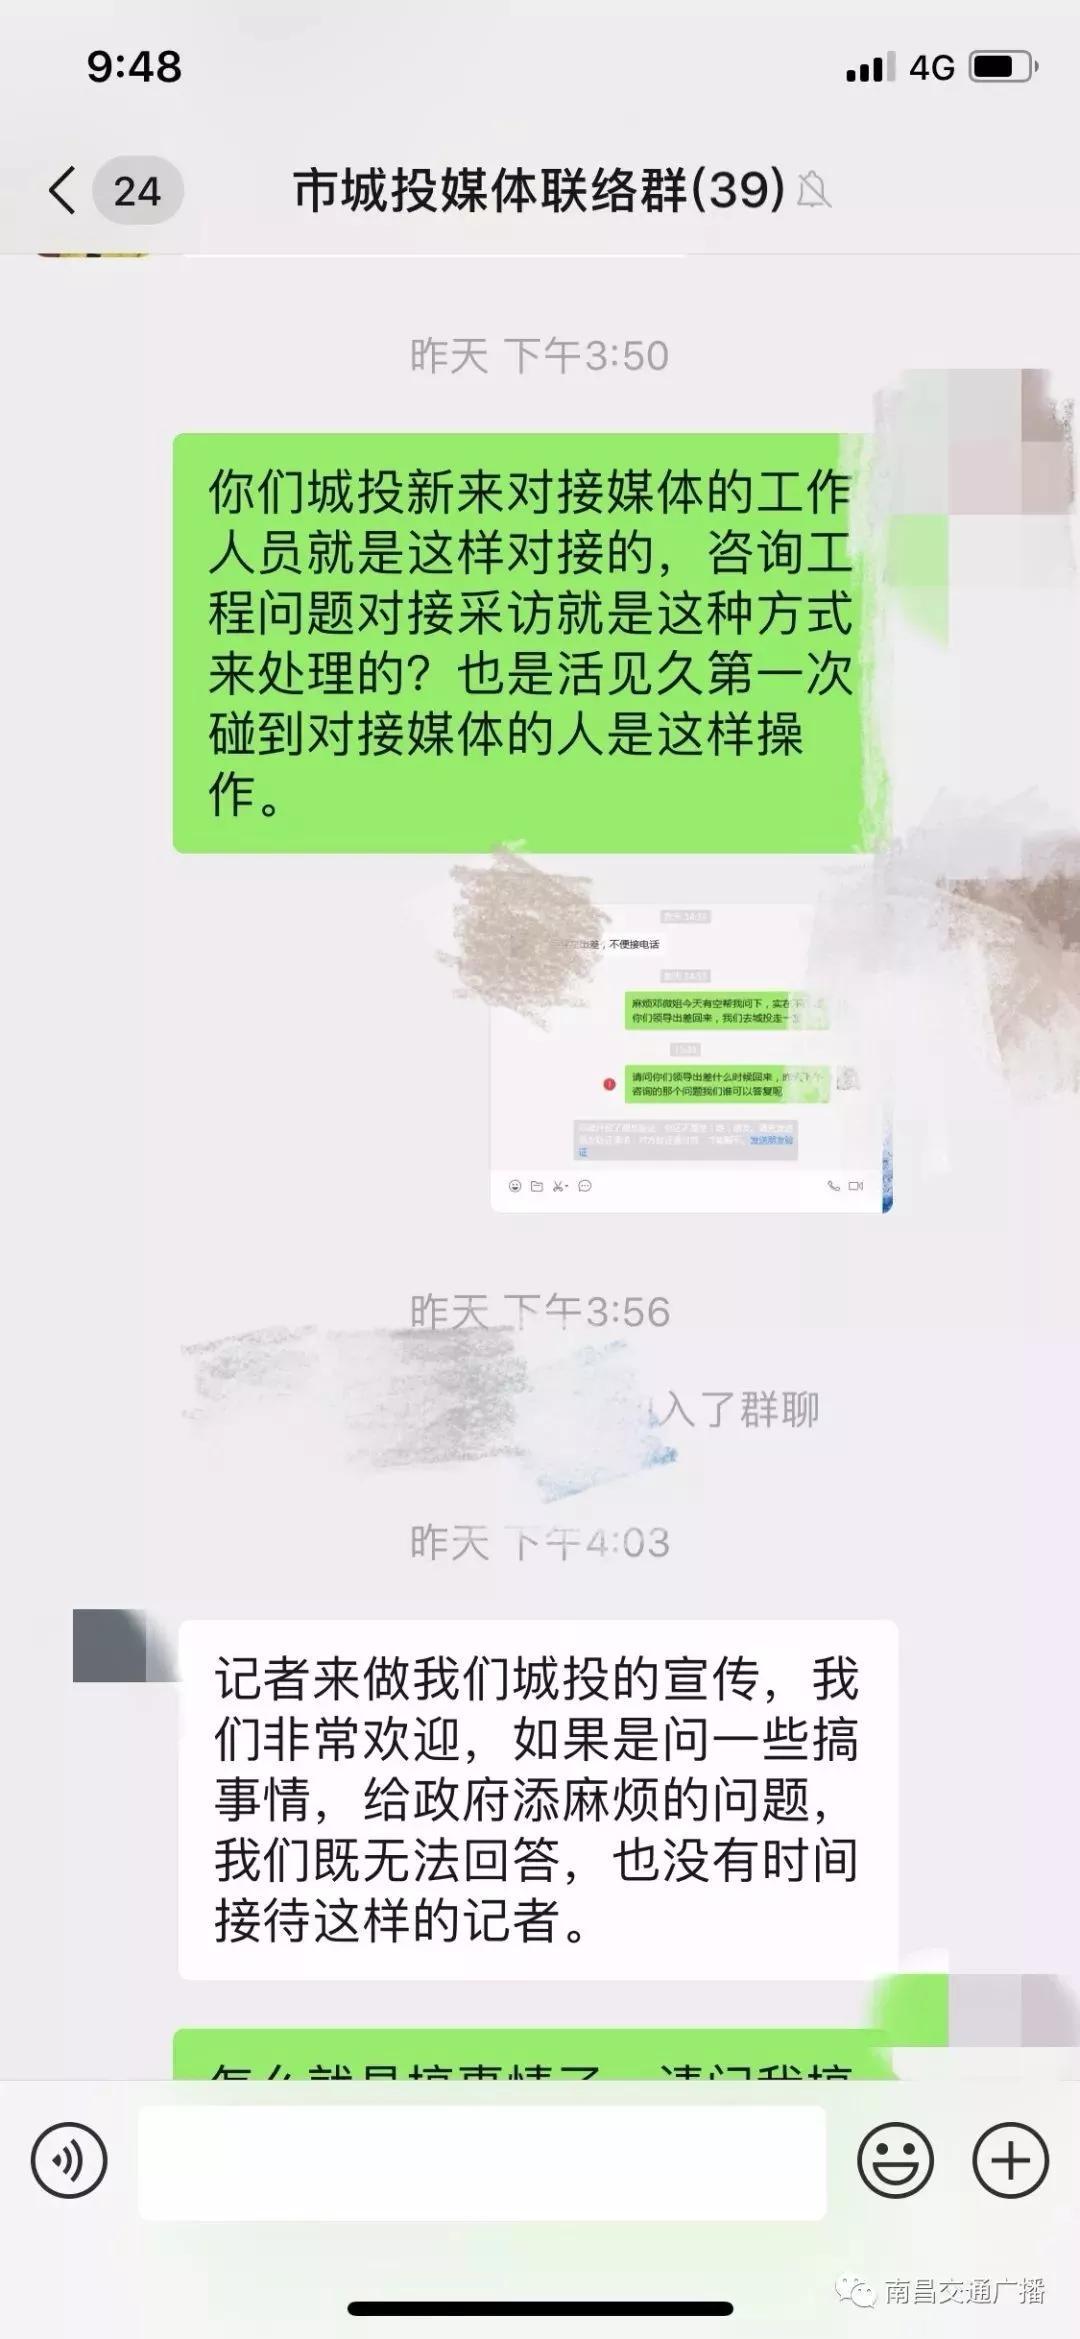 """记者采访被""""拉黑踢群"""",南昌城投究竟想遮掩什么?"""